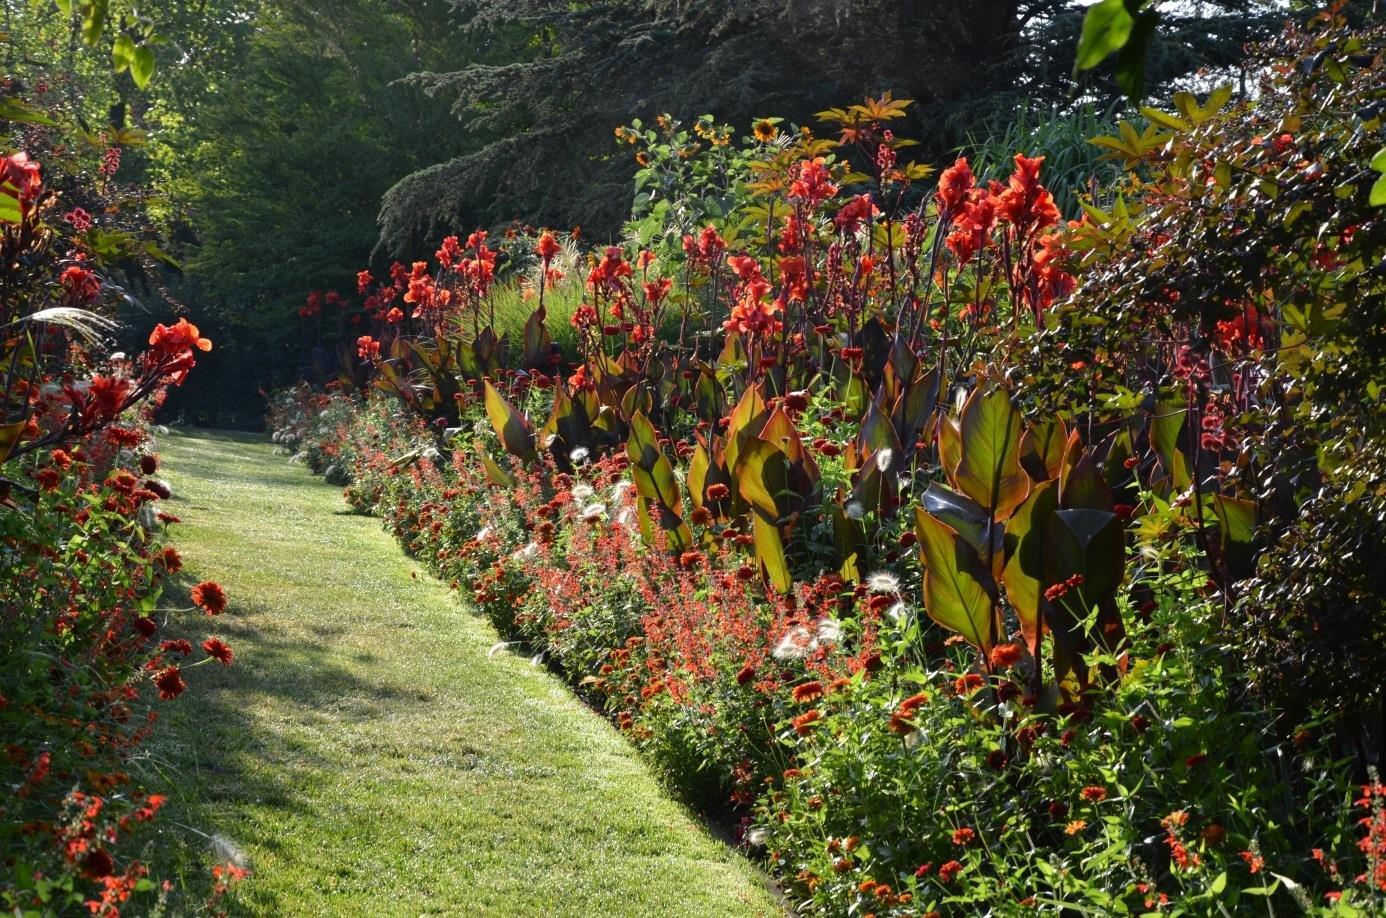 Blütenpracht im Sichtungsgarten in den Weihenstephaner Gärten in Freising